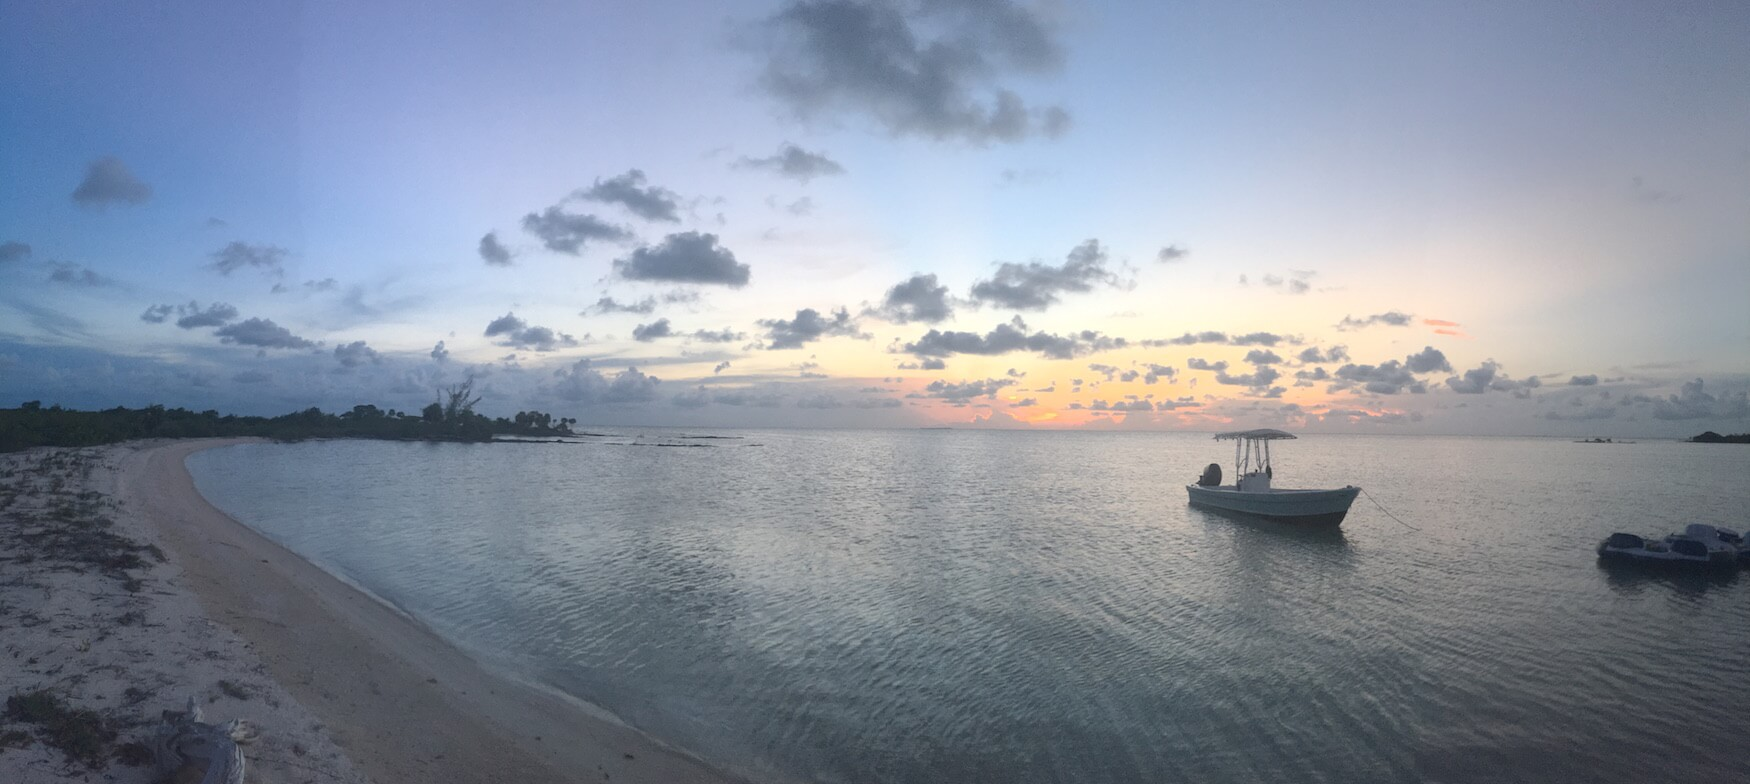 Belize Sunset by Mellissa Sevigny